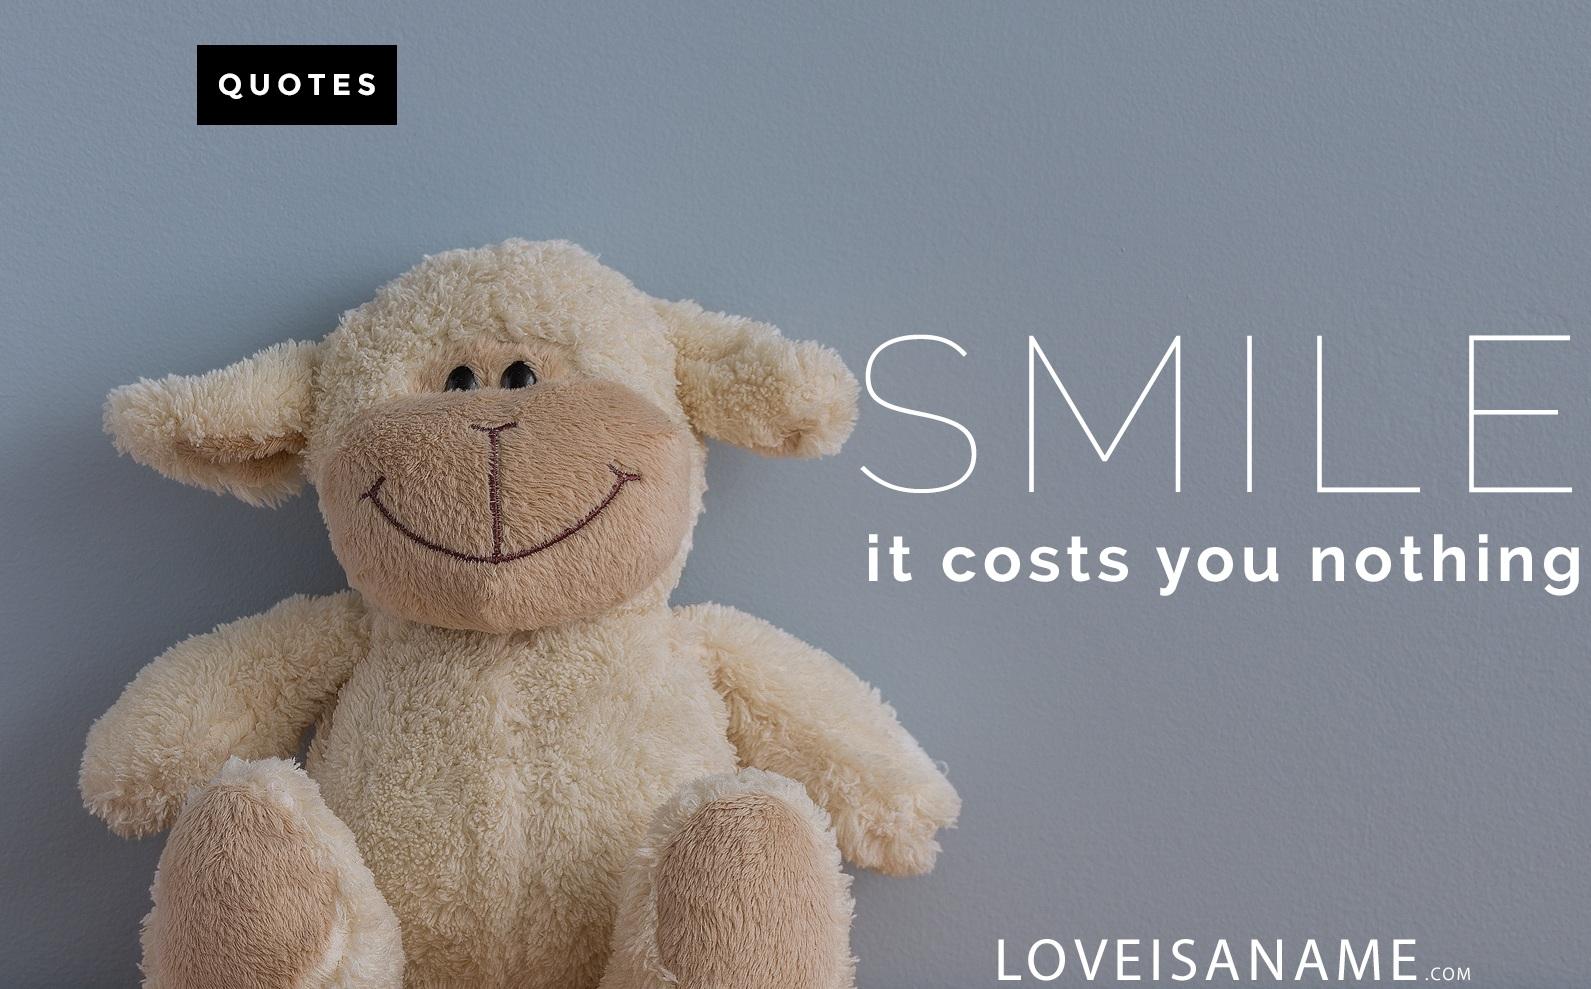 citate despre fericire in engleza Citate motivaționale în engleză traduse | Love is a name citate despre fericire in engleza